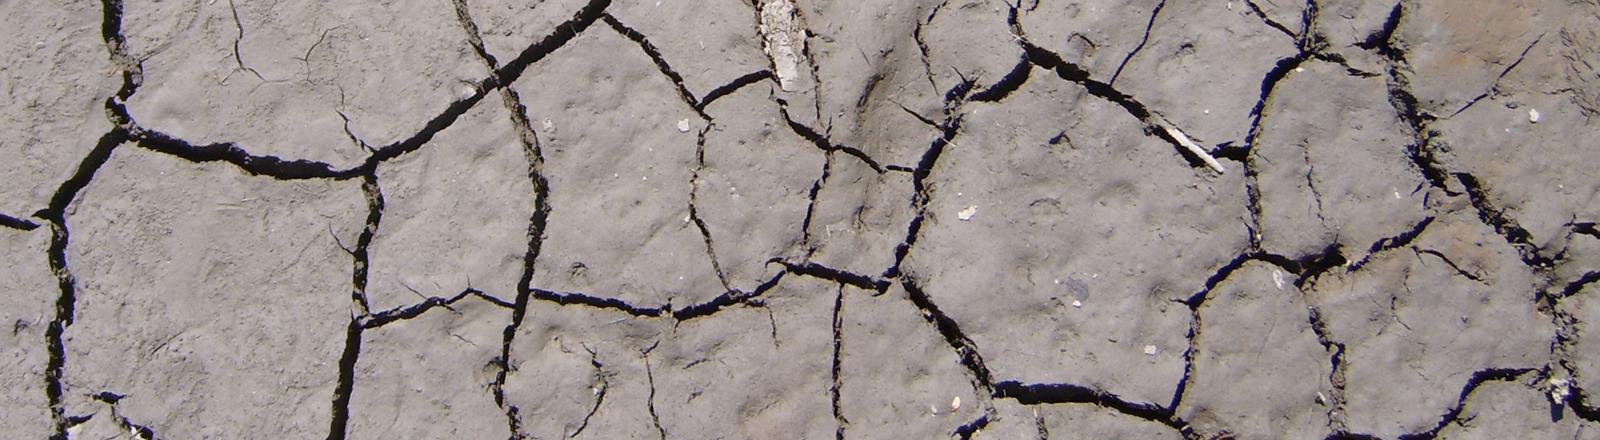 Dürre, Seeboden. Kein Wasser. Hier wächst nichts.